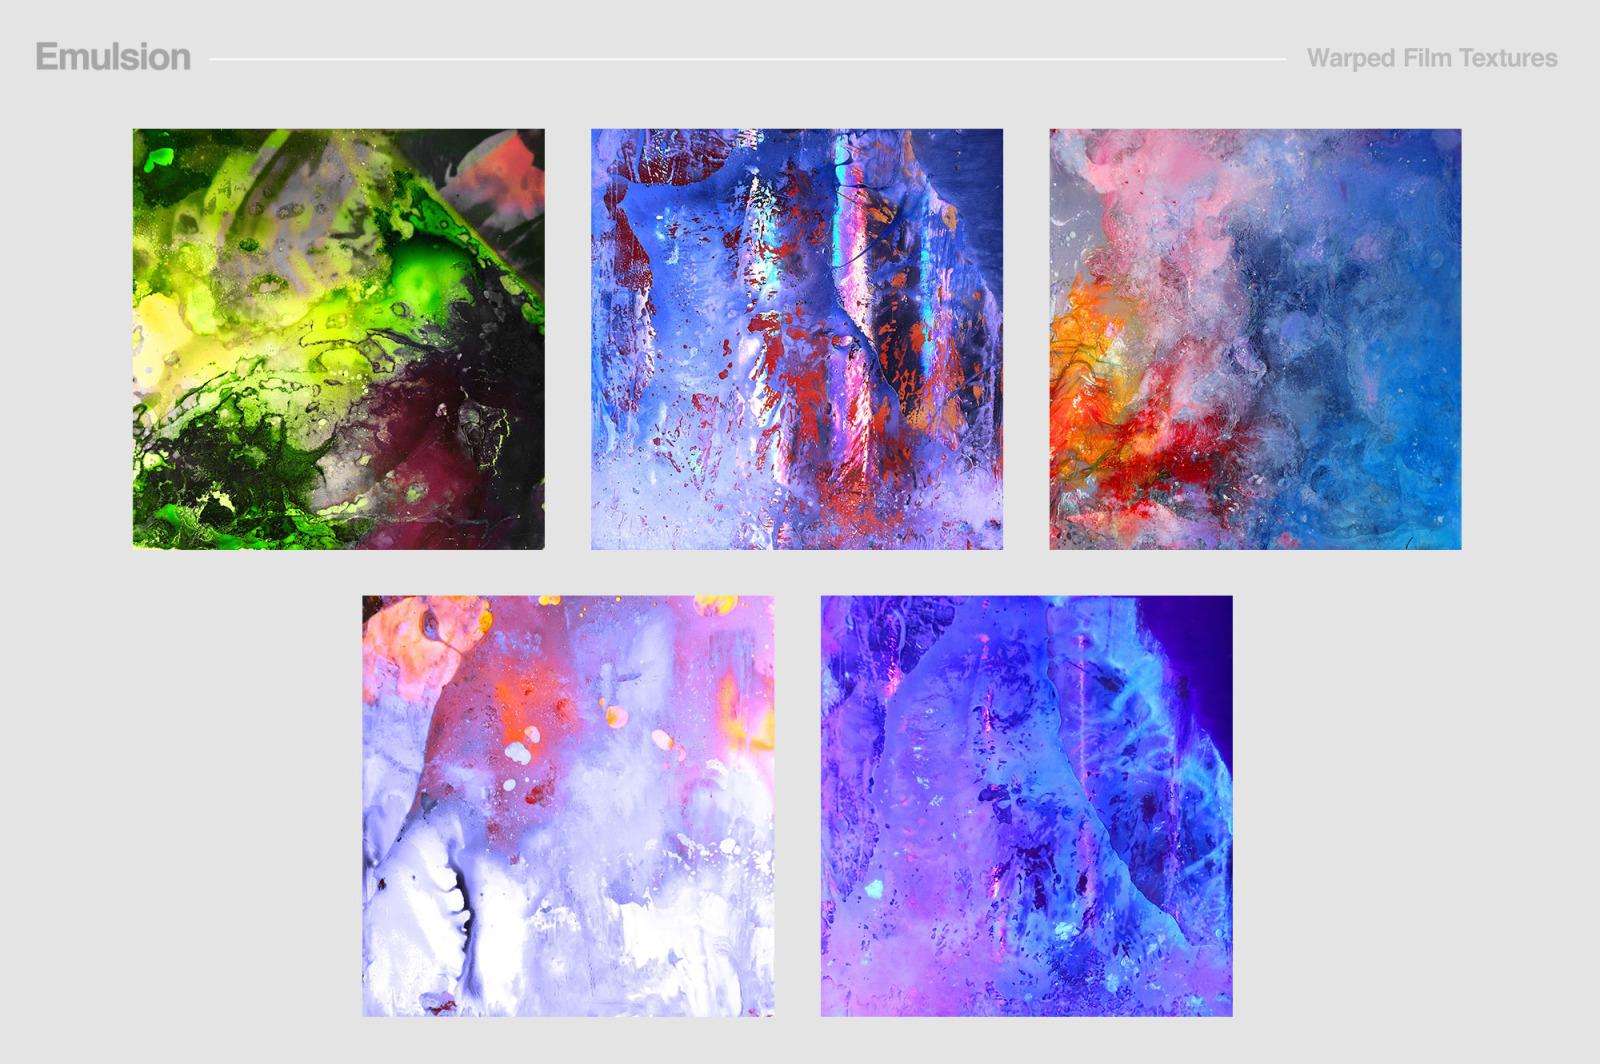 Emulsion: Warped Film Textures